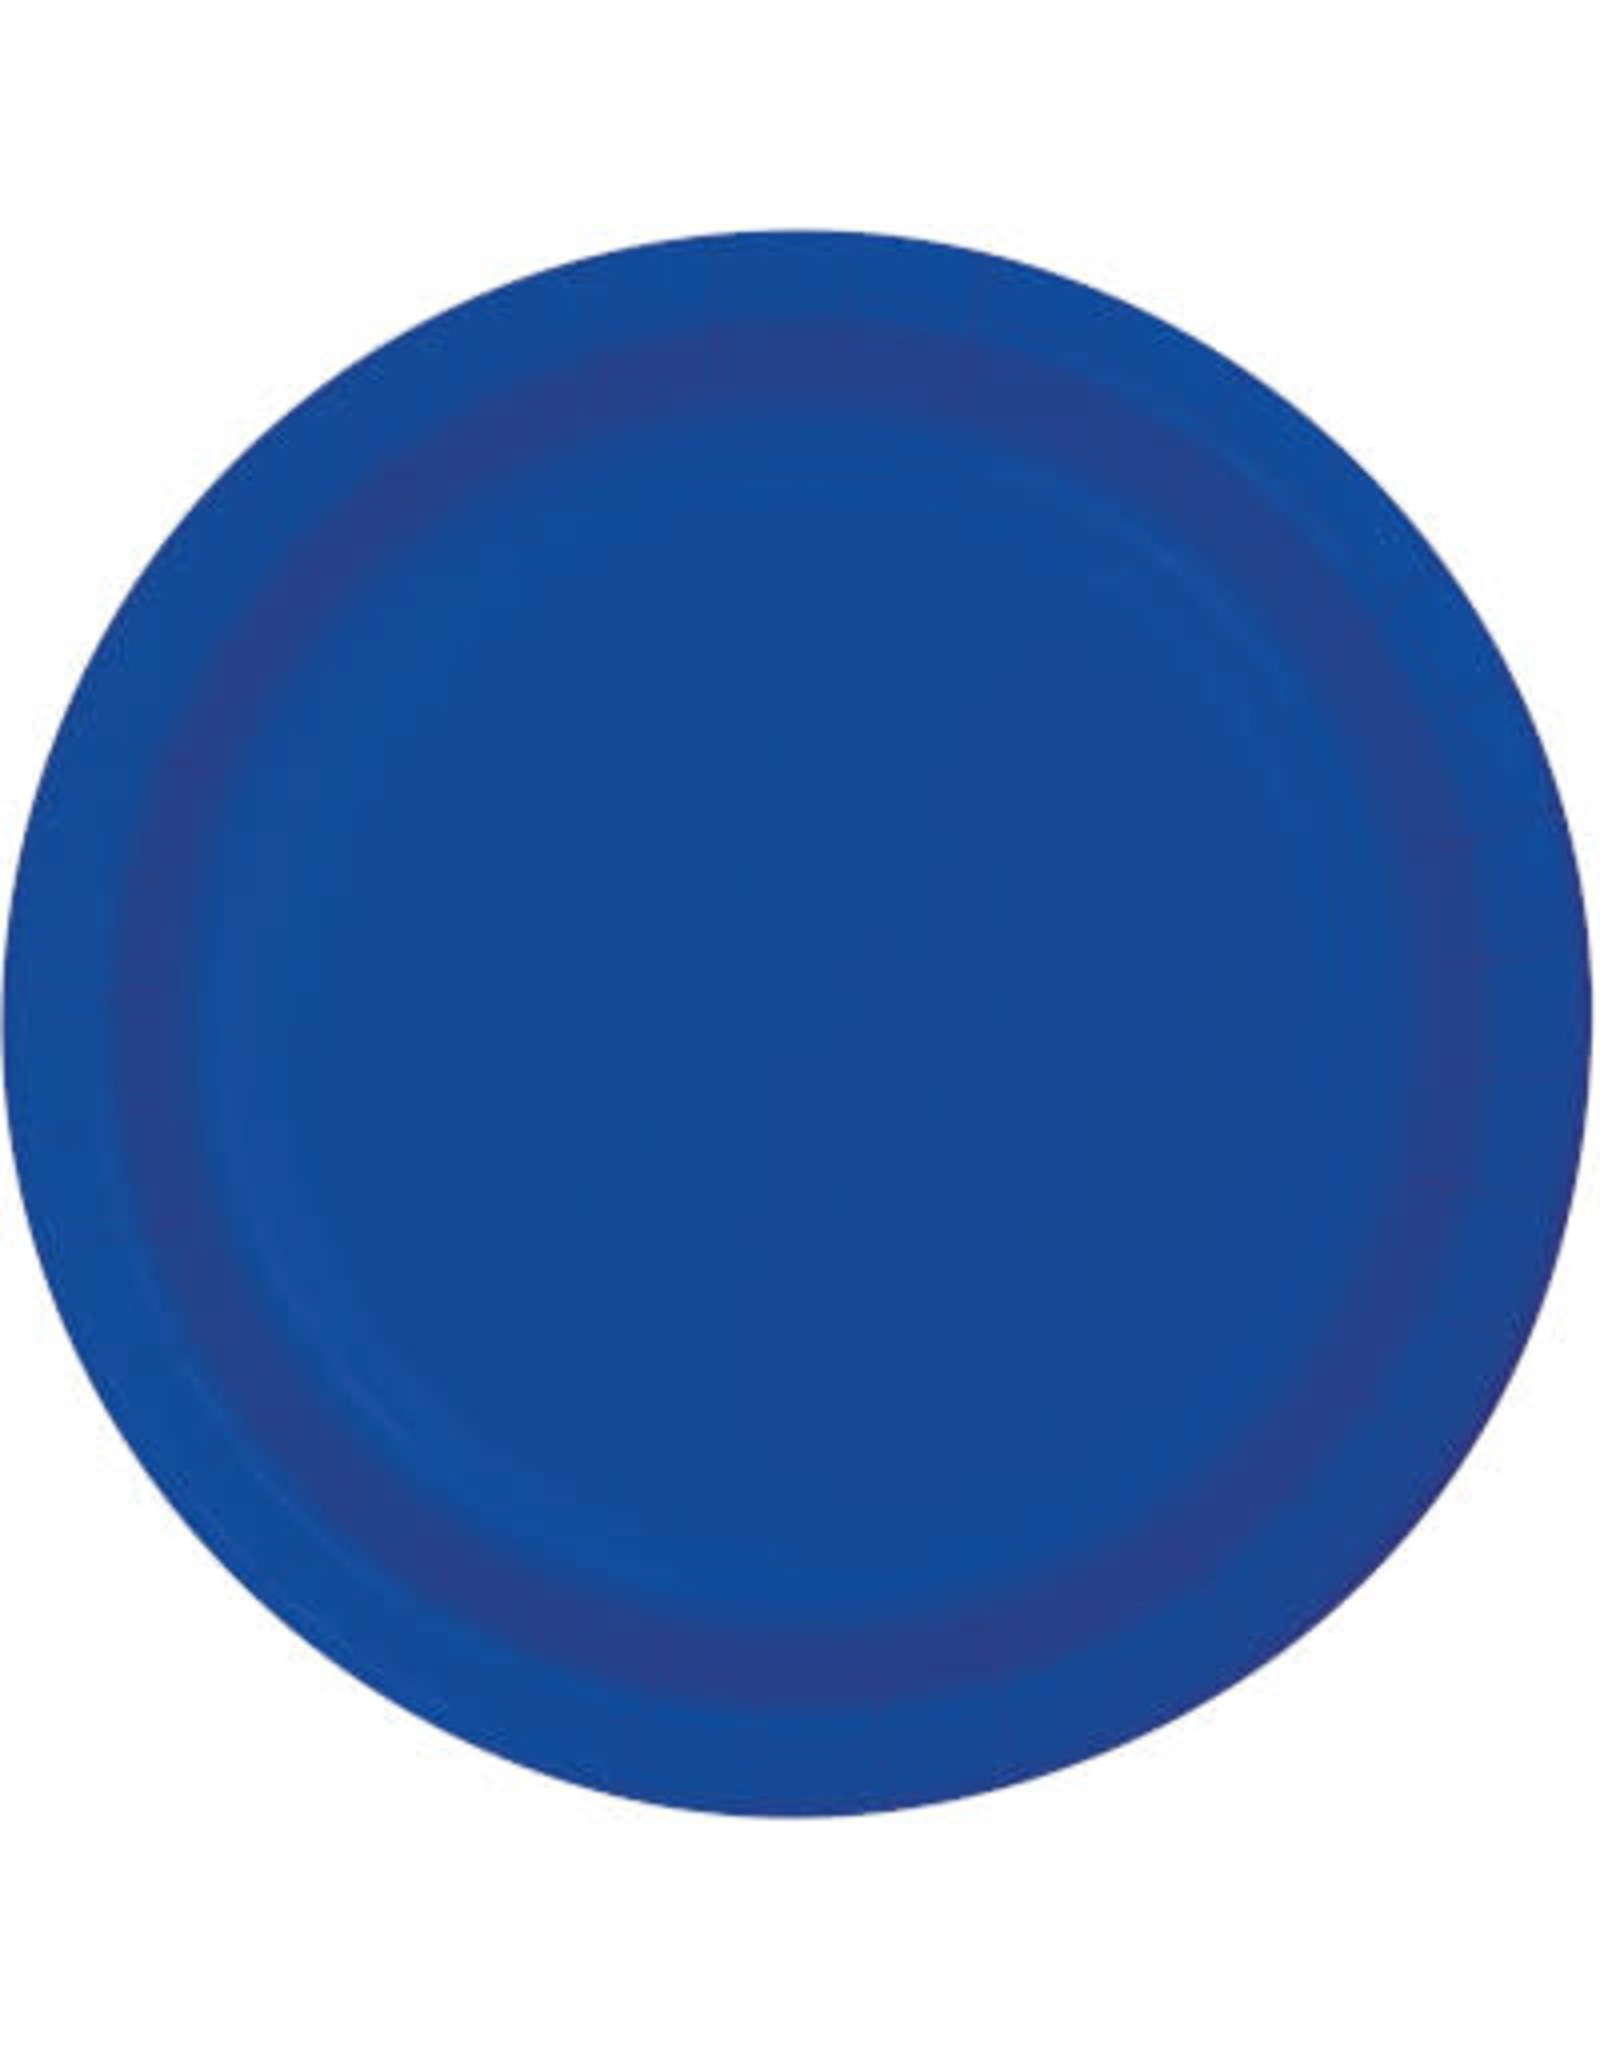 """Touch of Color 10"""" Cobalt Paper Banquet Plates - 24ct."""